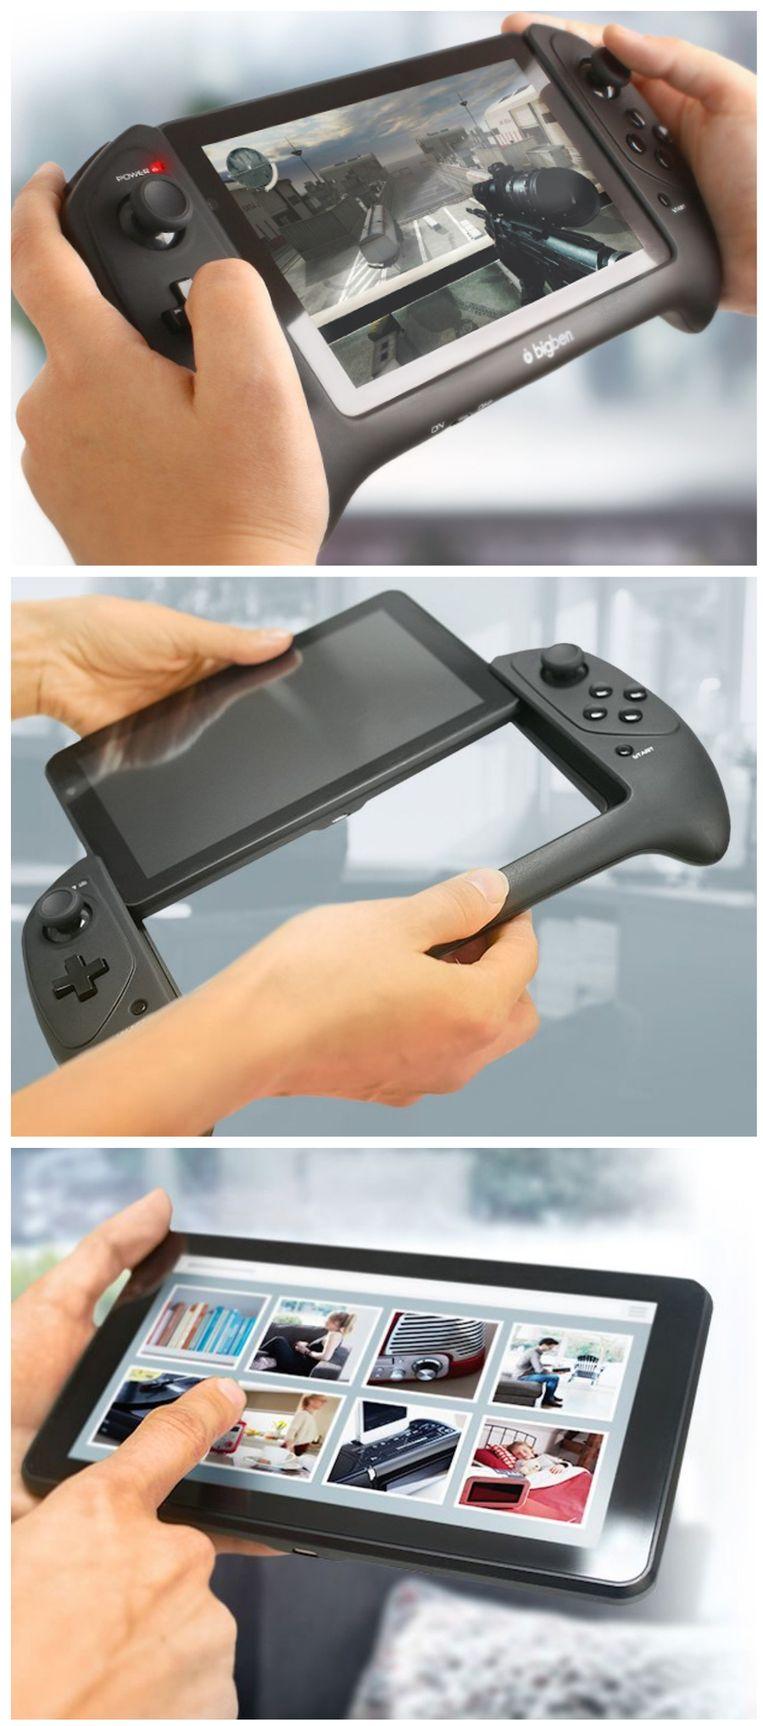 Zo verandert de GameTab-One in een tablet. Beeld BigBen